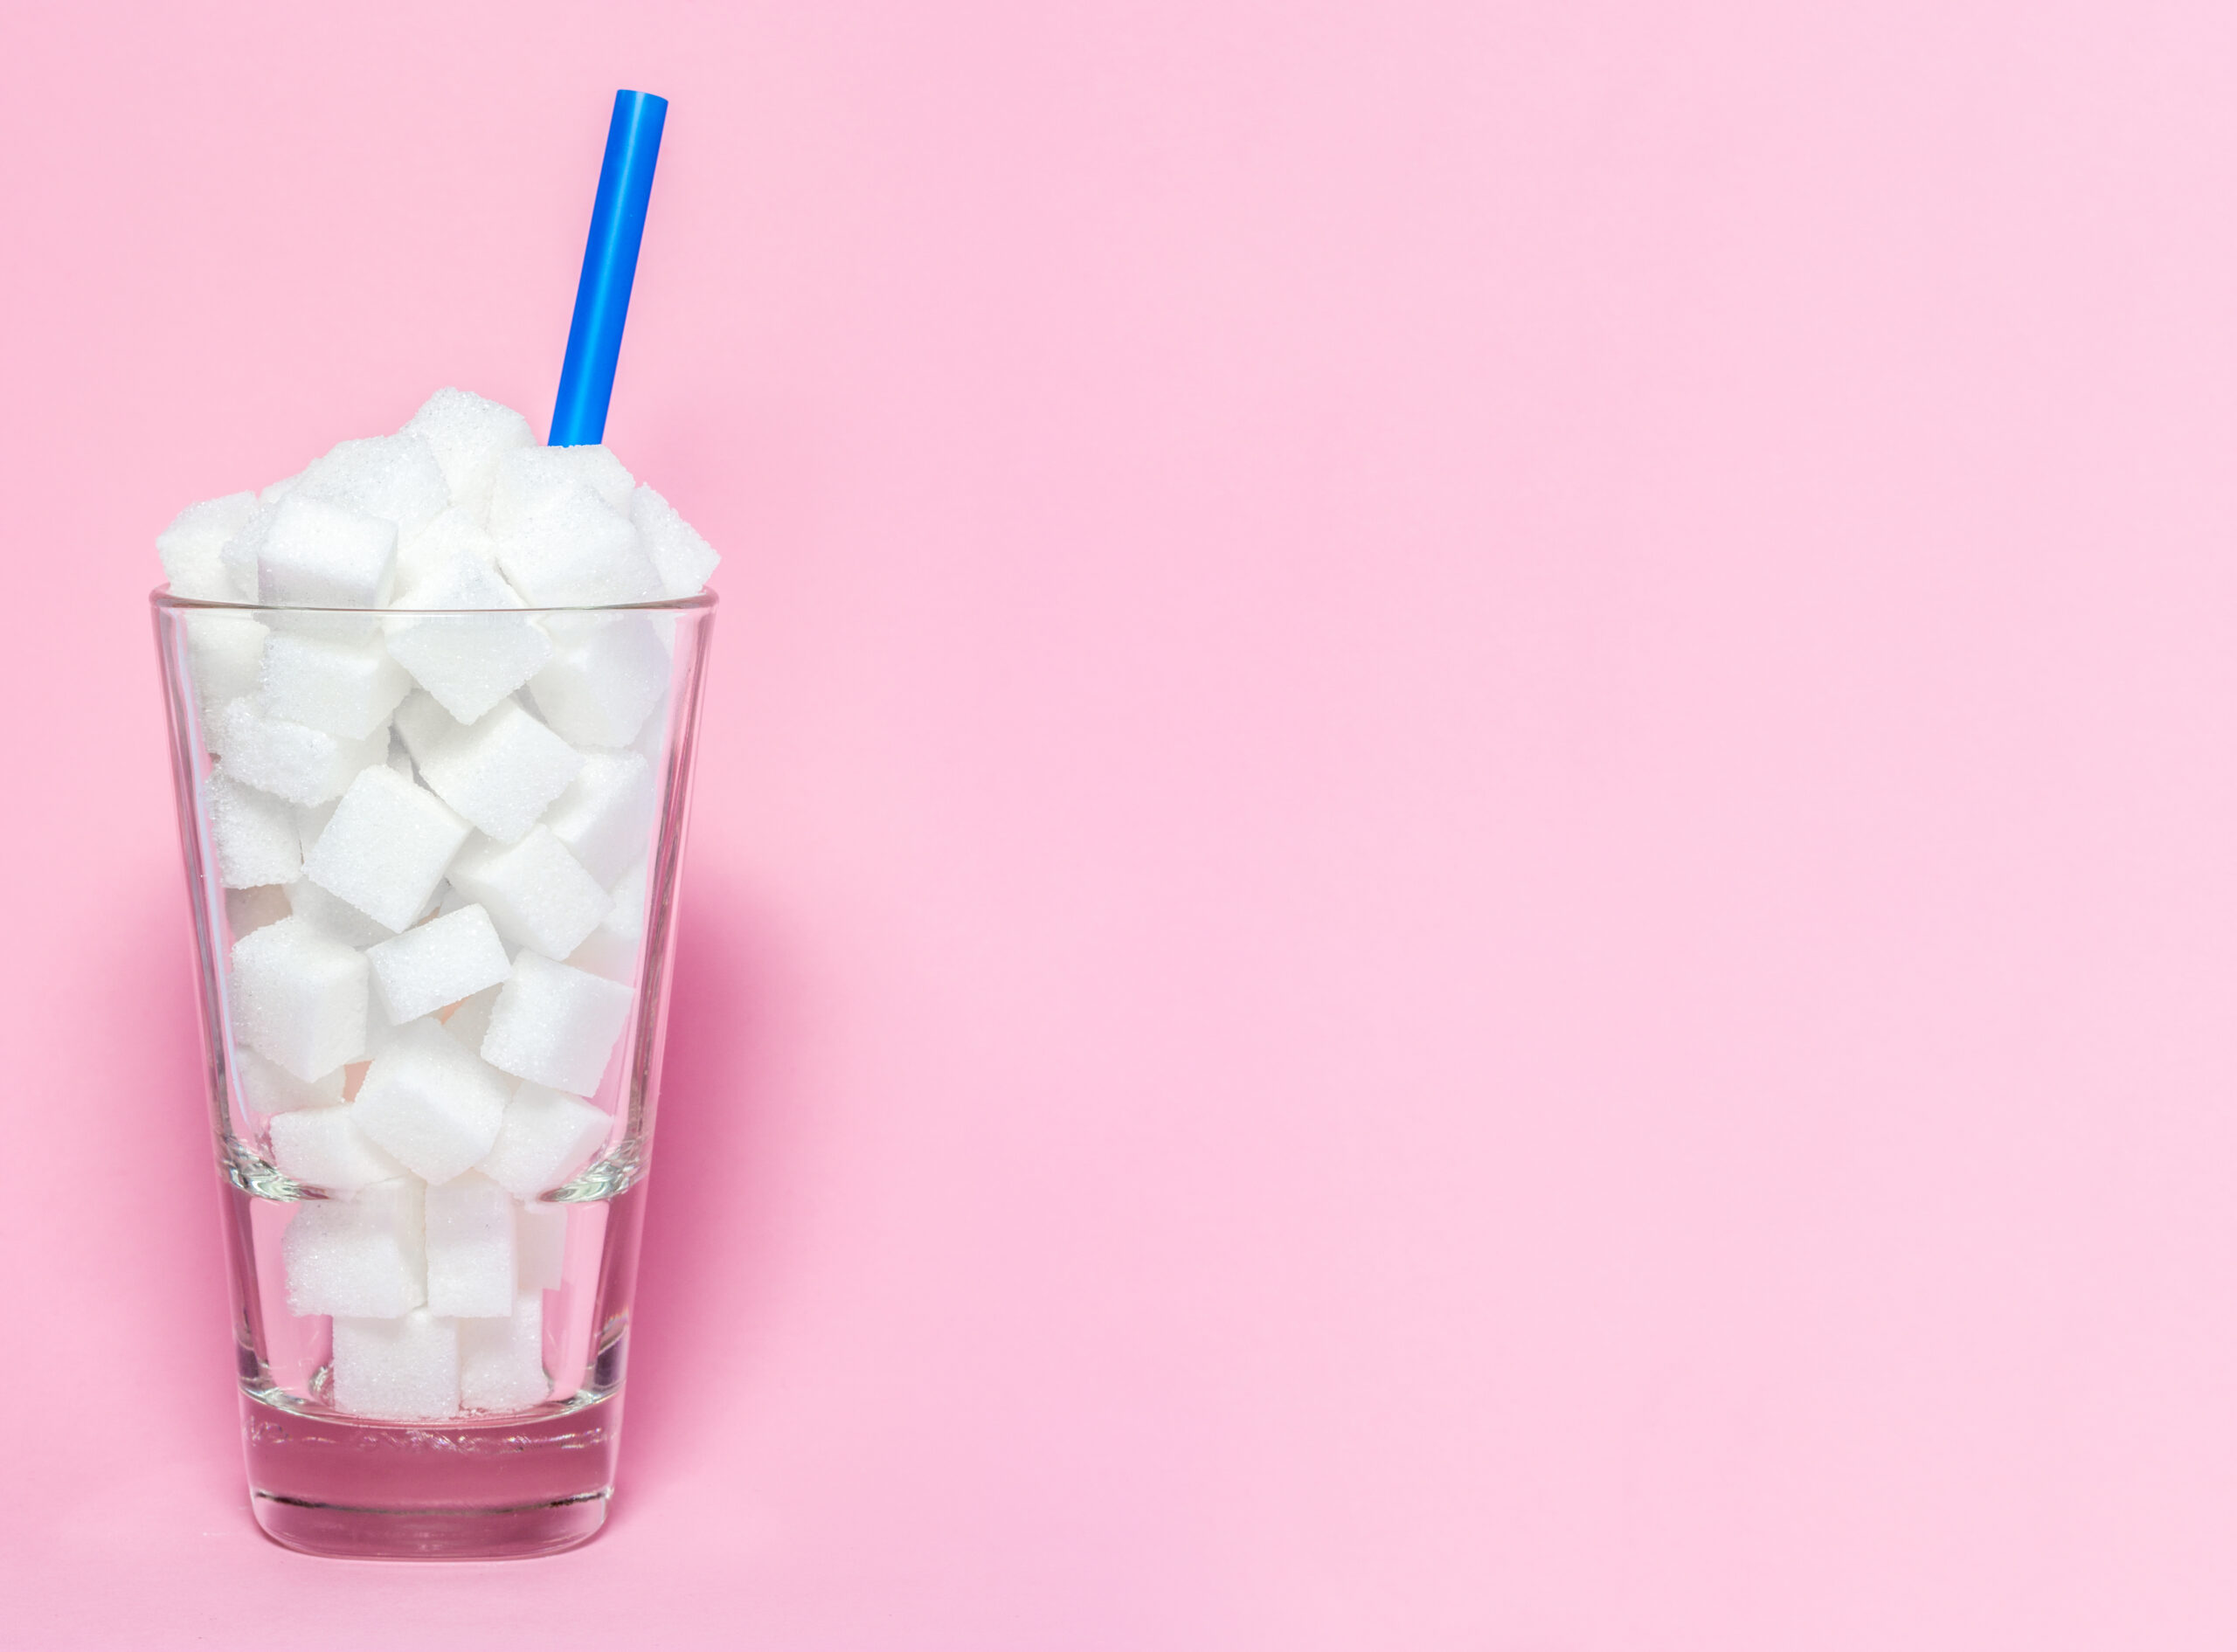 """Opłata od środków spożywczych czyli tzw. """"podatek cukrowy"""" – analiza i refleksje"""